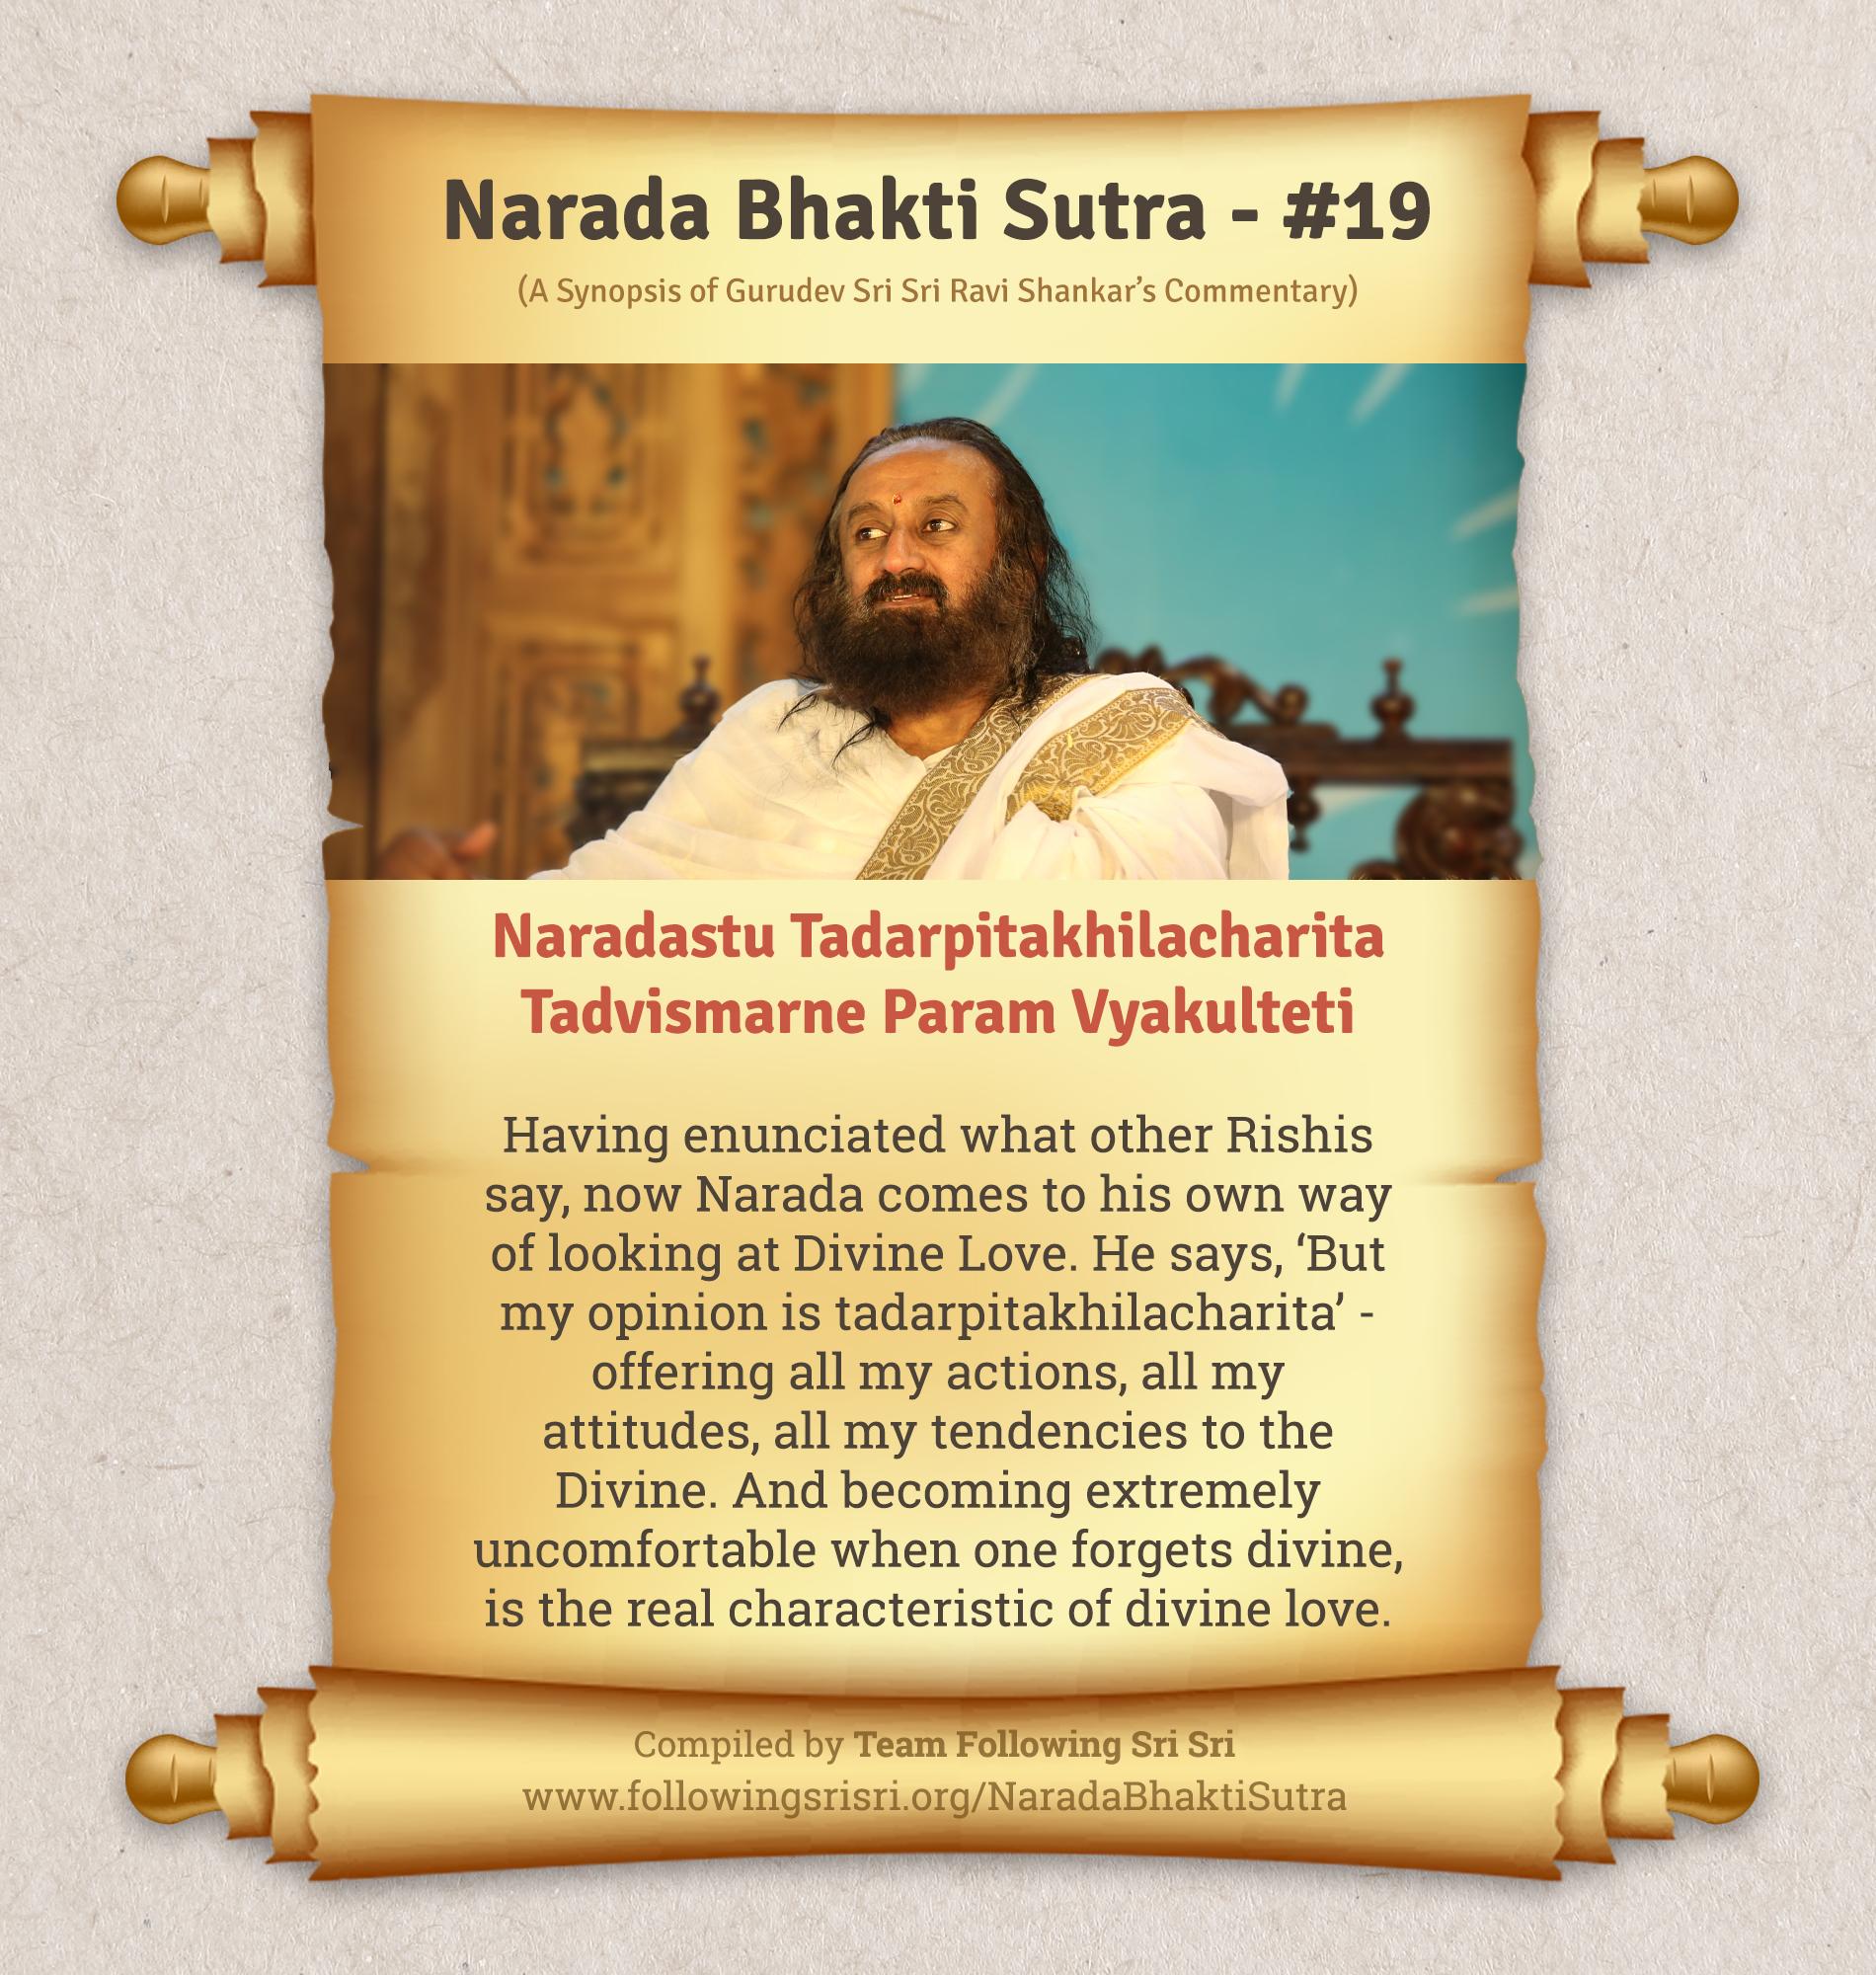 Narada Bhakti Sutras - Sutra 19